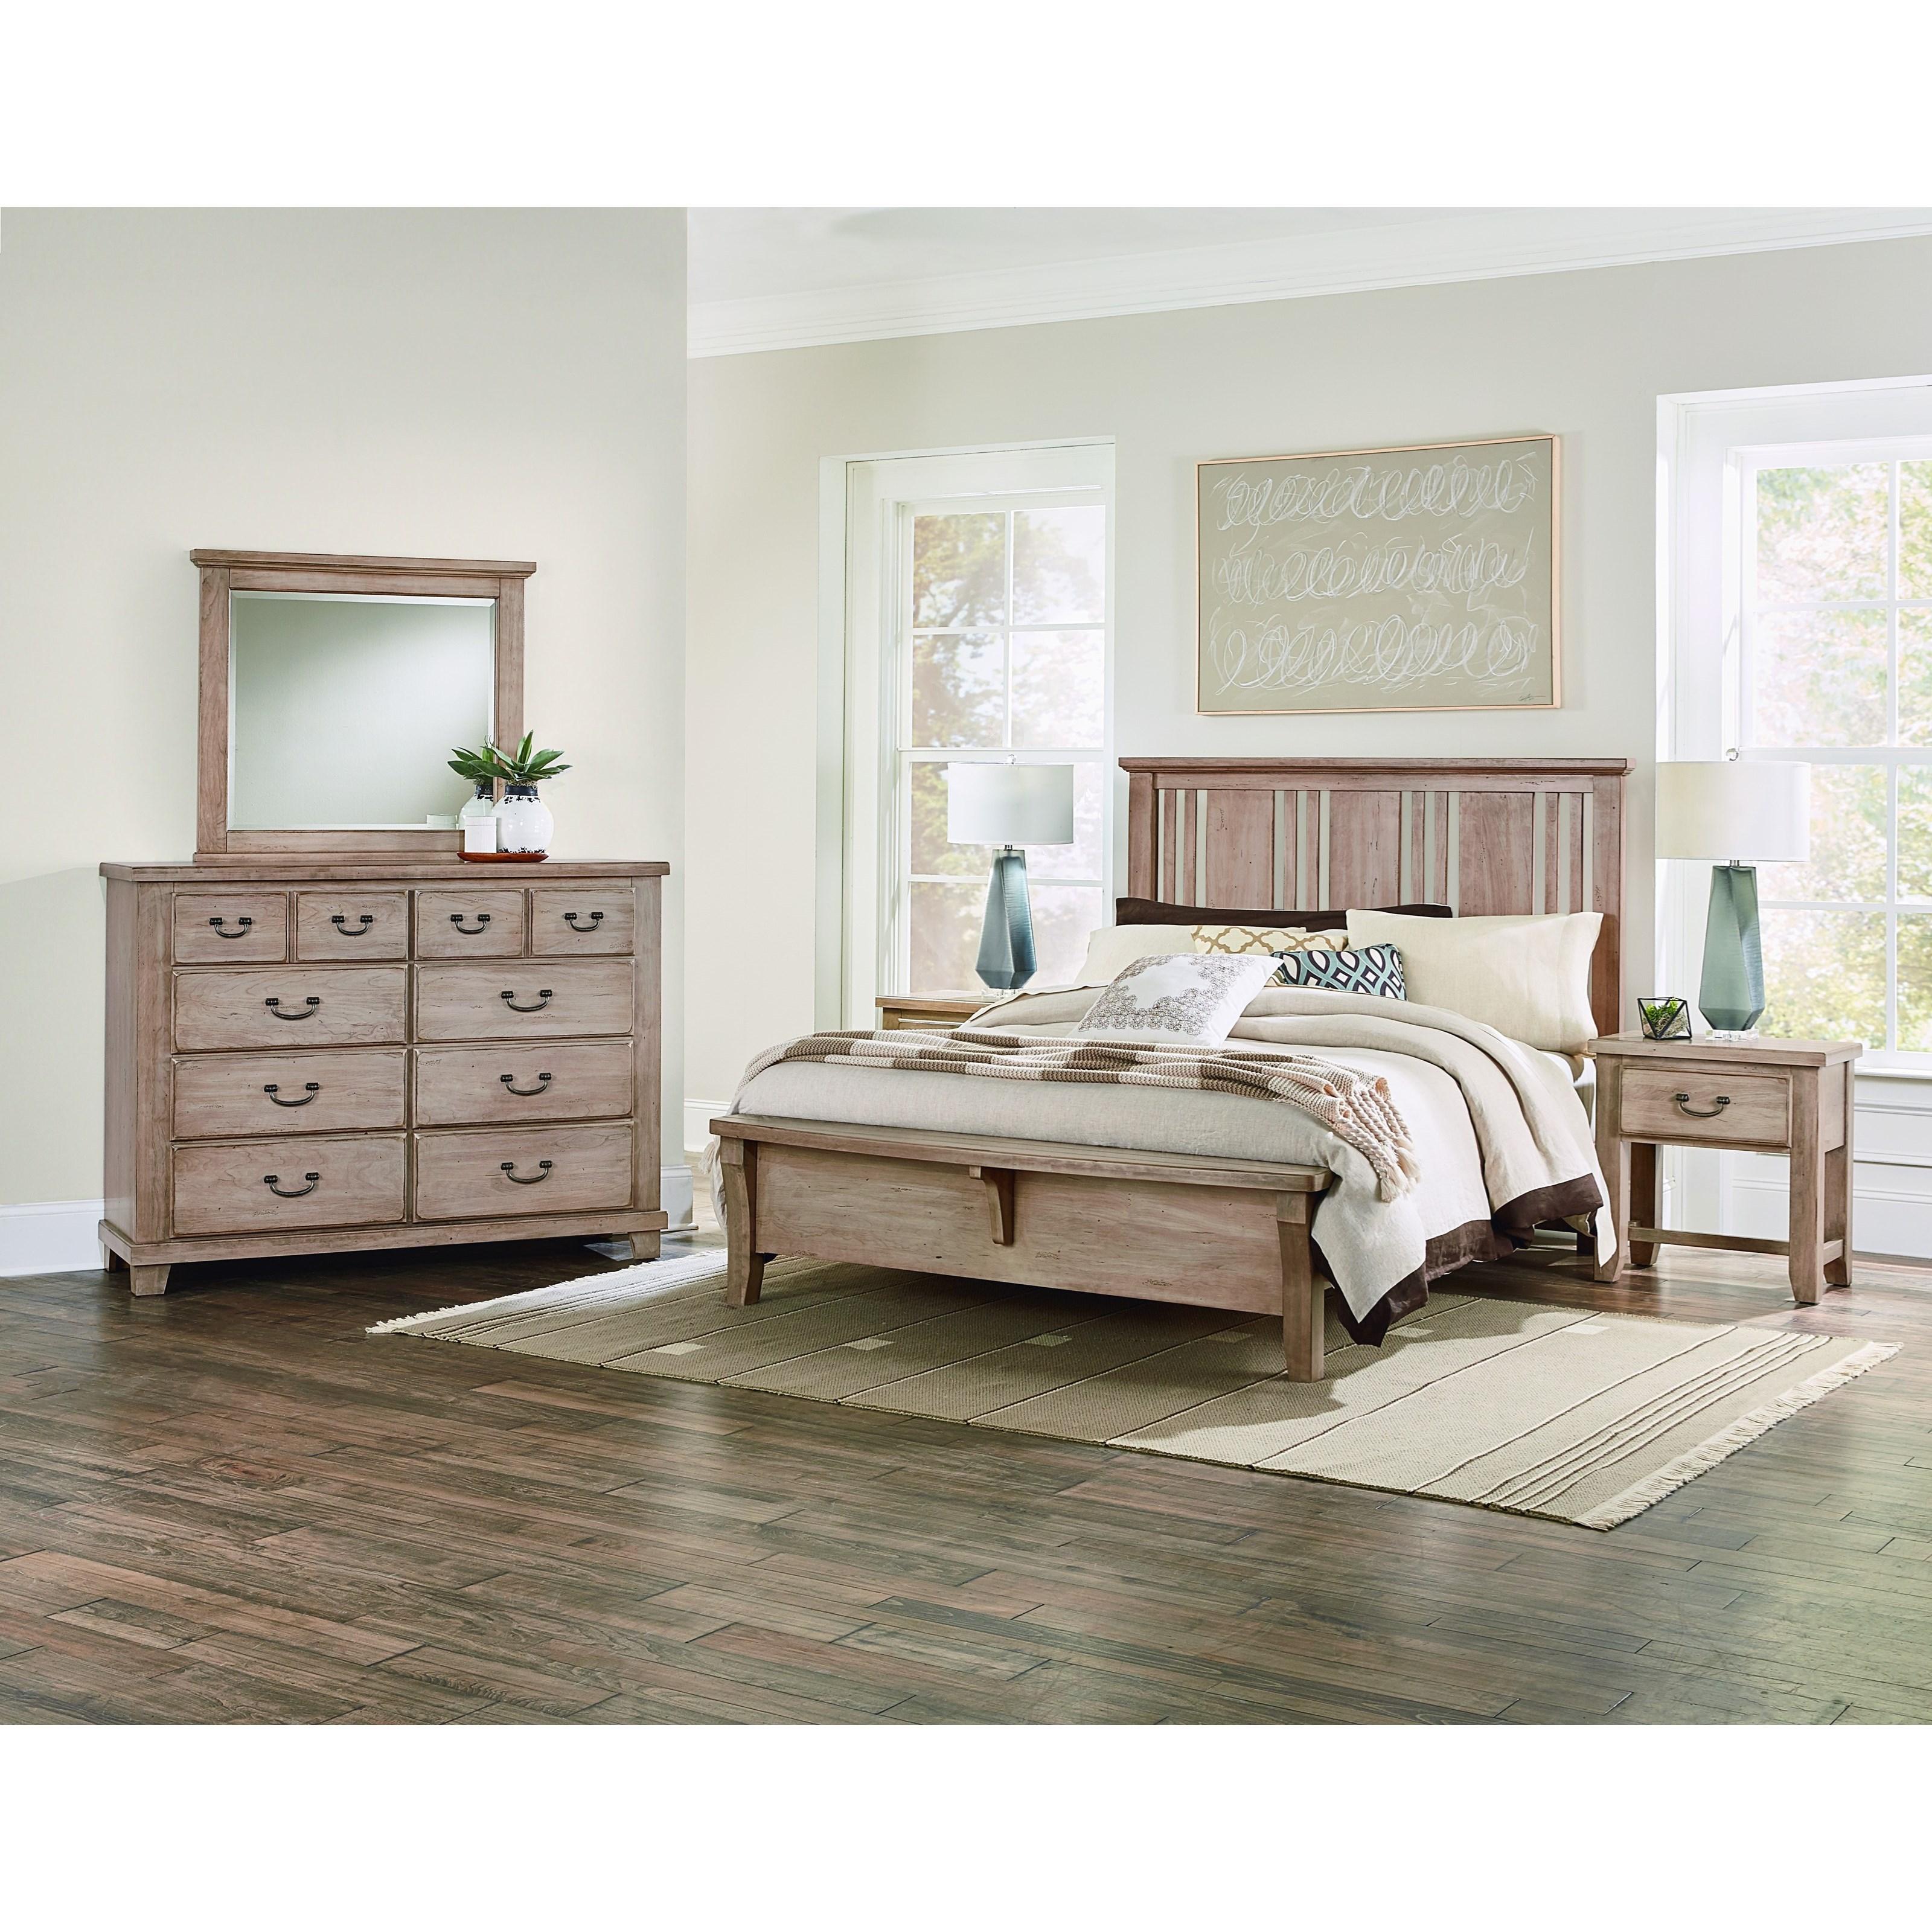 Vaughan Bassett American Cherry Queen Bedroom Group - Item Number: 418 Q Bedroom Group 2